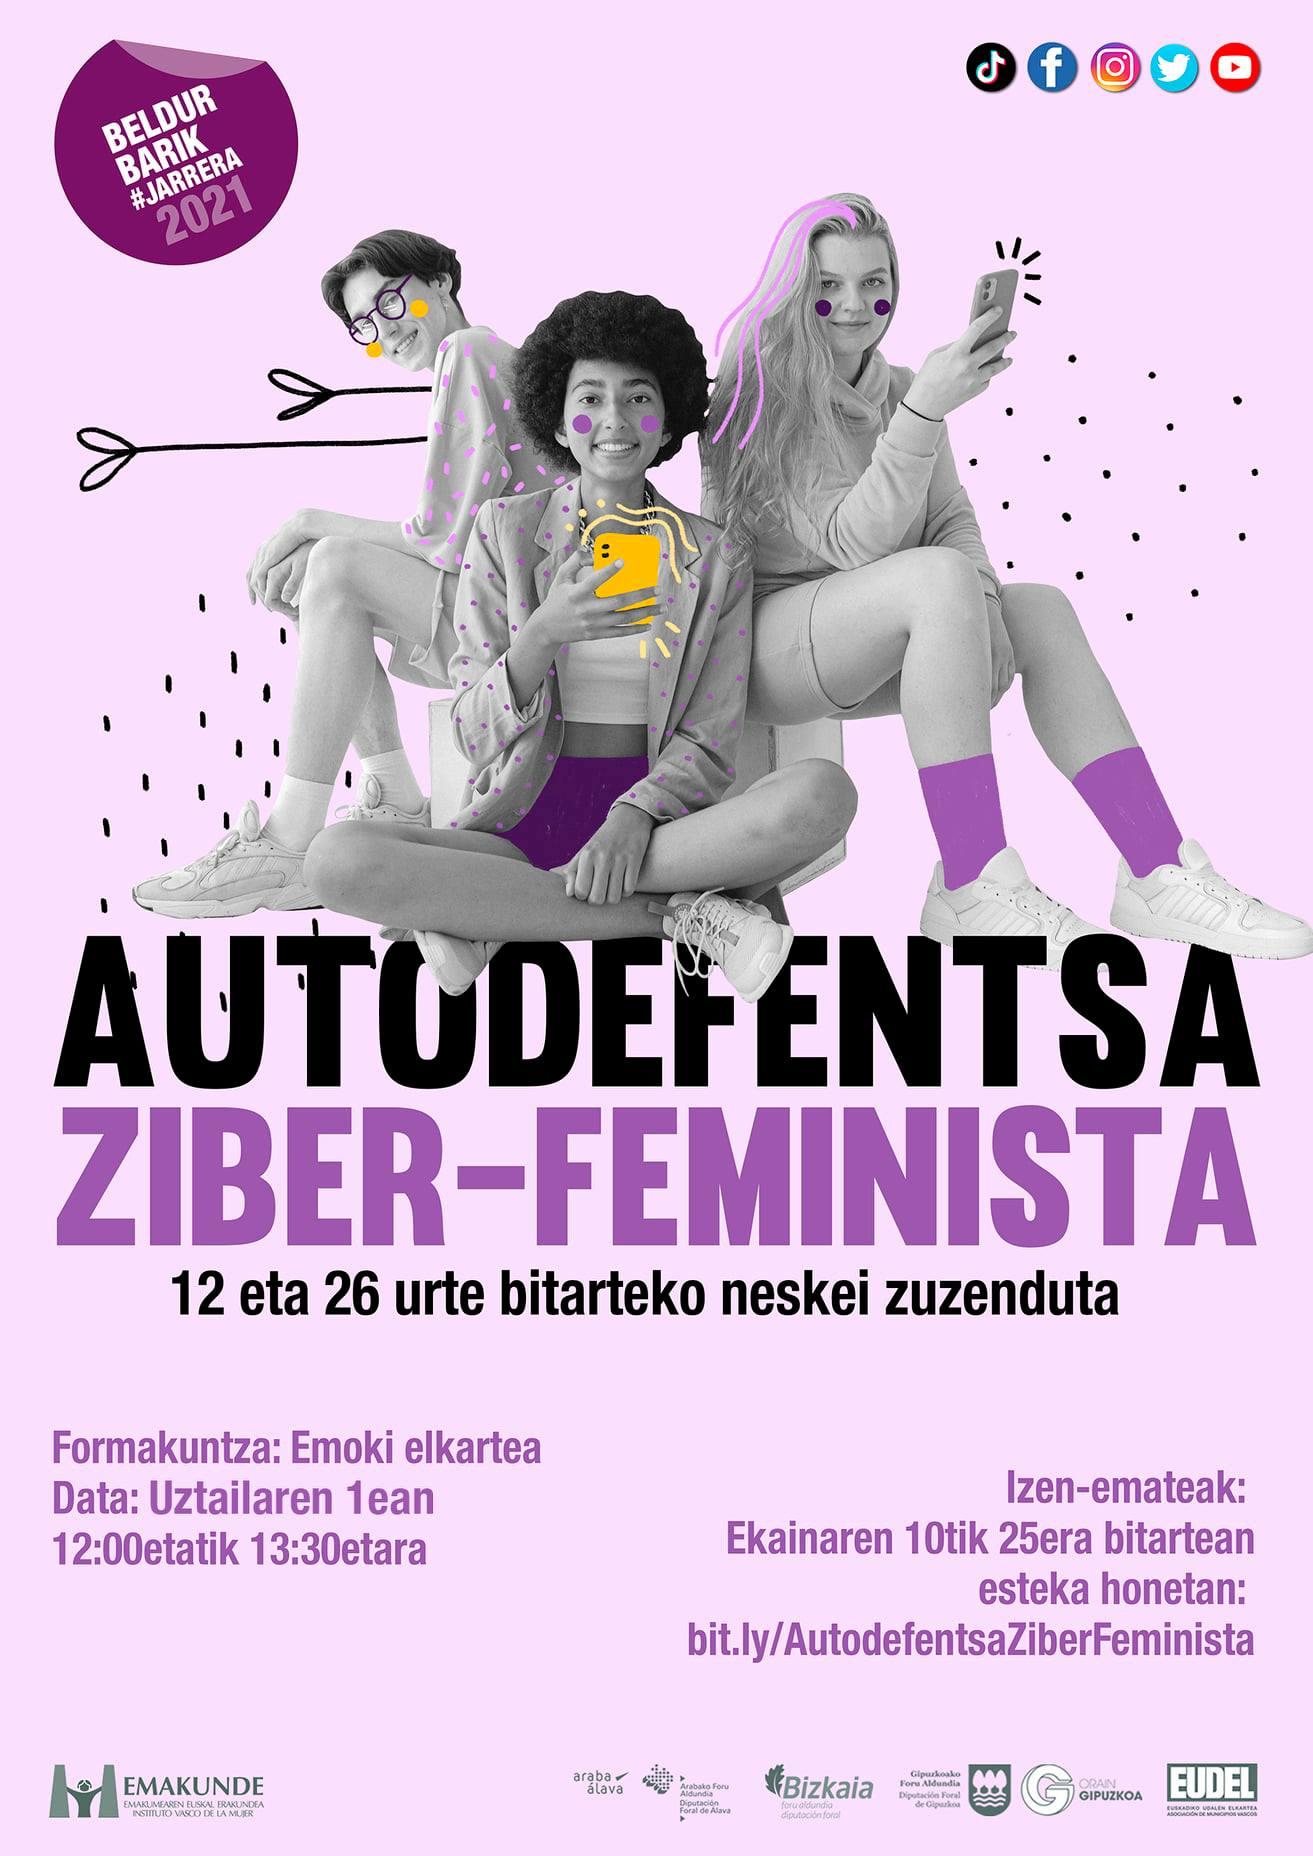 Autodefentsa Ziber-Feminista irudia - iragarkilaburrak.eus